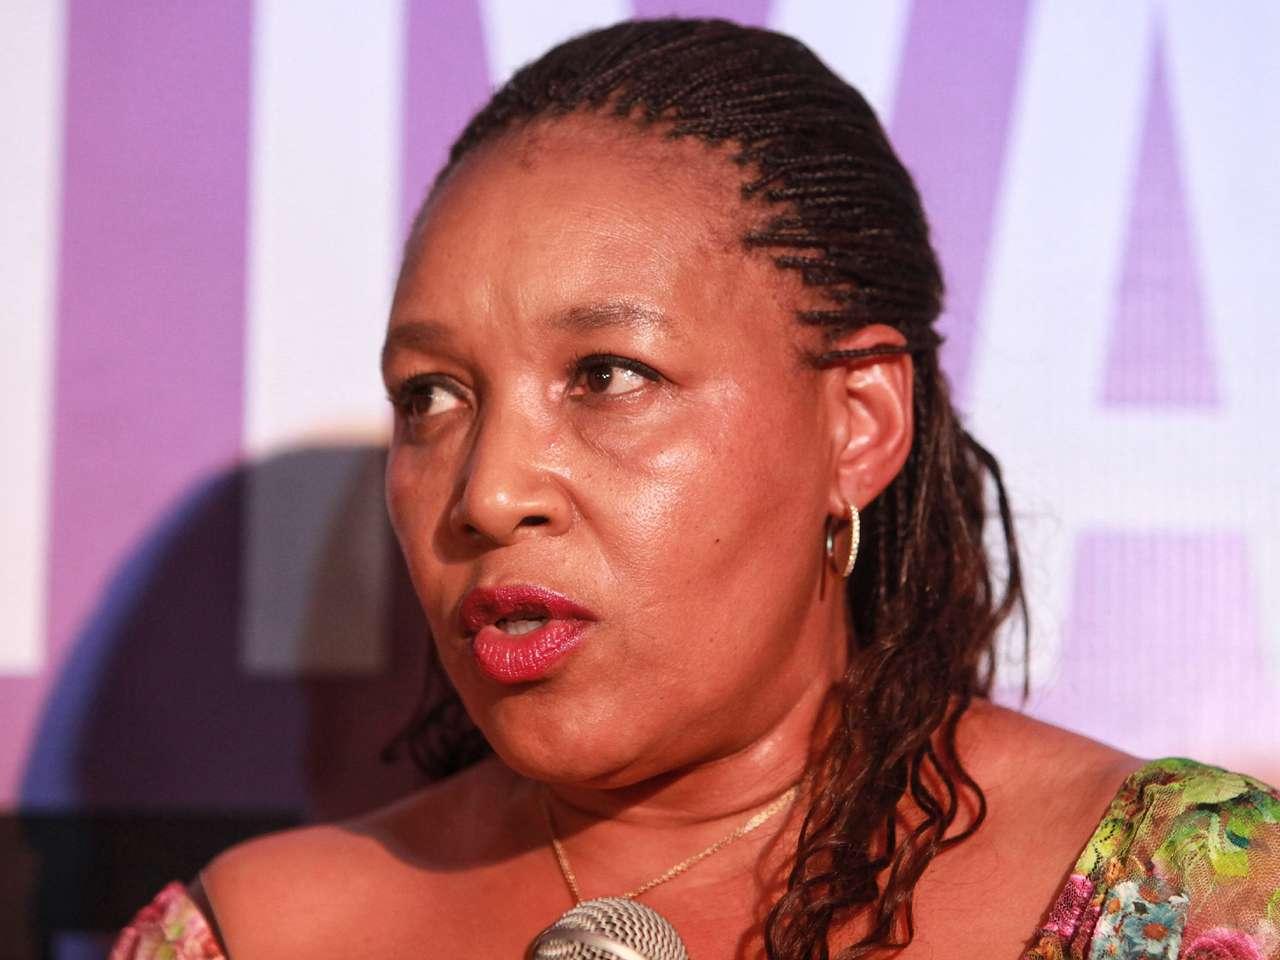 La hija del expresidente sudafricano Nelson Mandela, Zenani Dlamini, participó en la inauguración del Festival Internacional de Cine y foro de Derechos Humanos en Ciudad de México Foto: EFE